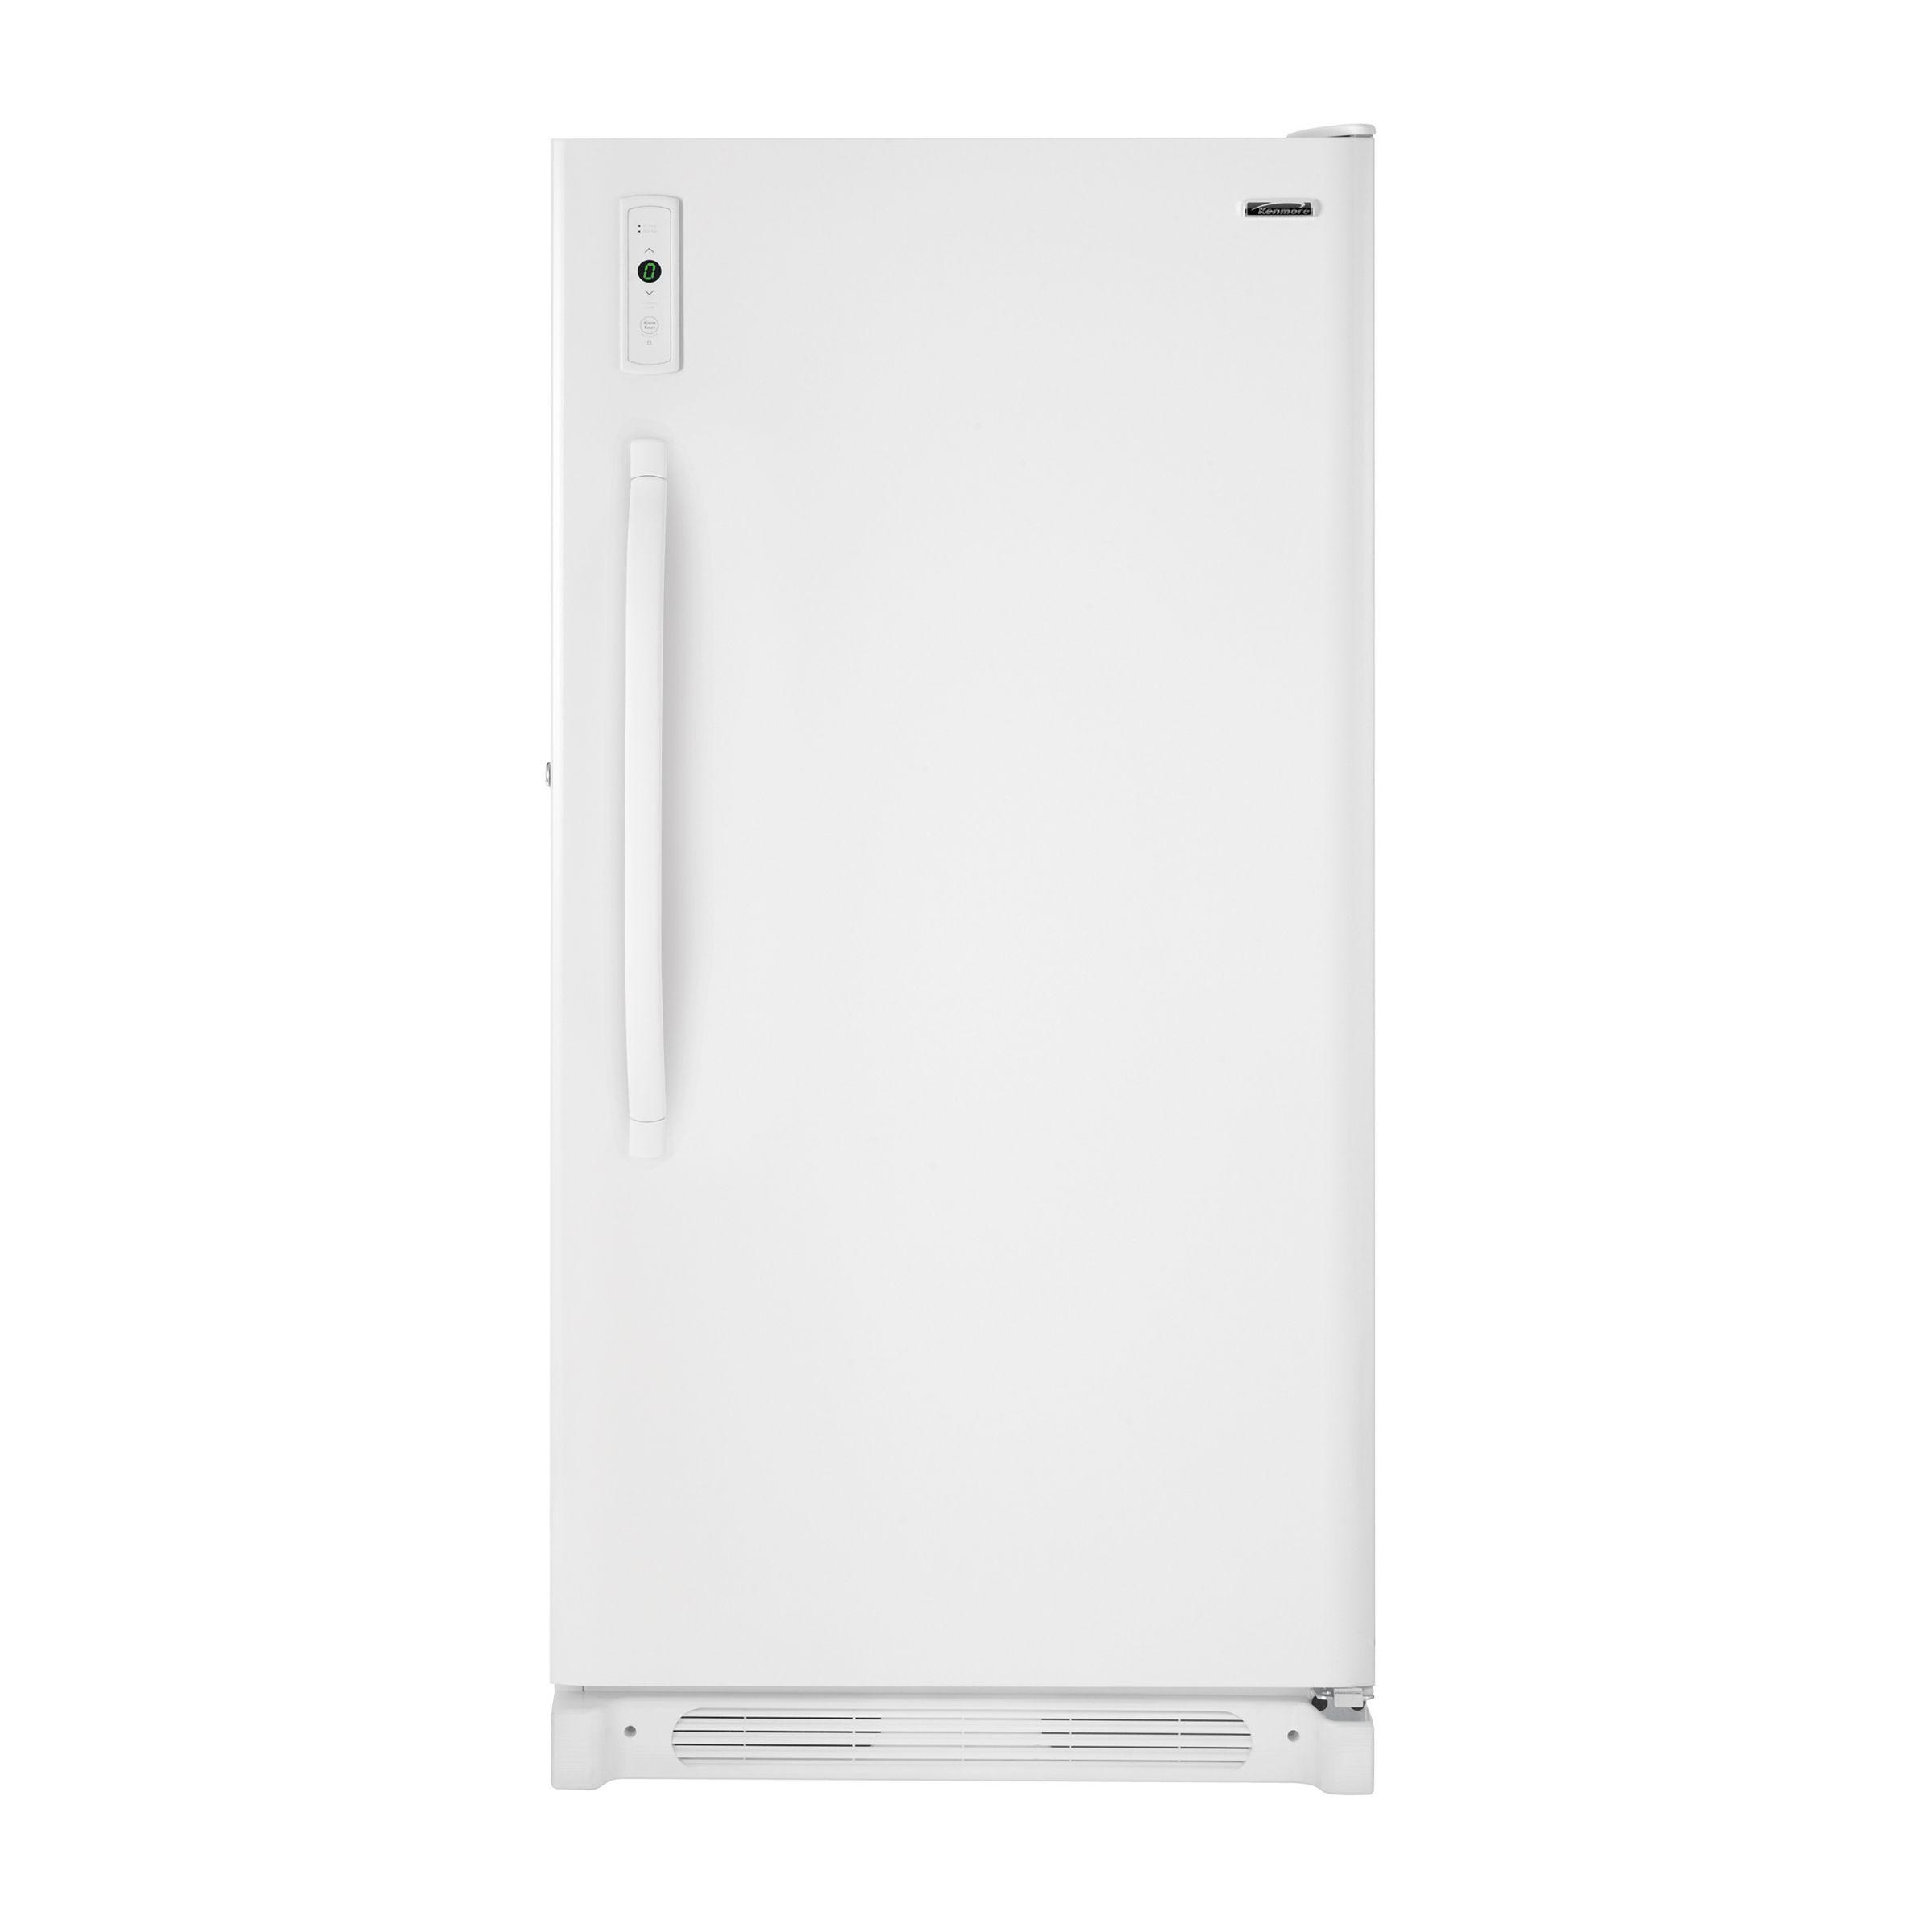 kenmore freezer model 253 wiring diagram wiring diagram m9 sears freezer wiring diagram [ 2400 x 2400 Pixel ]